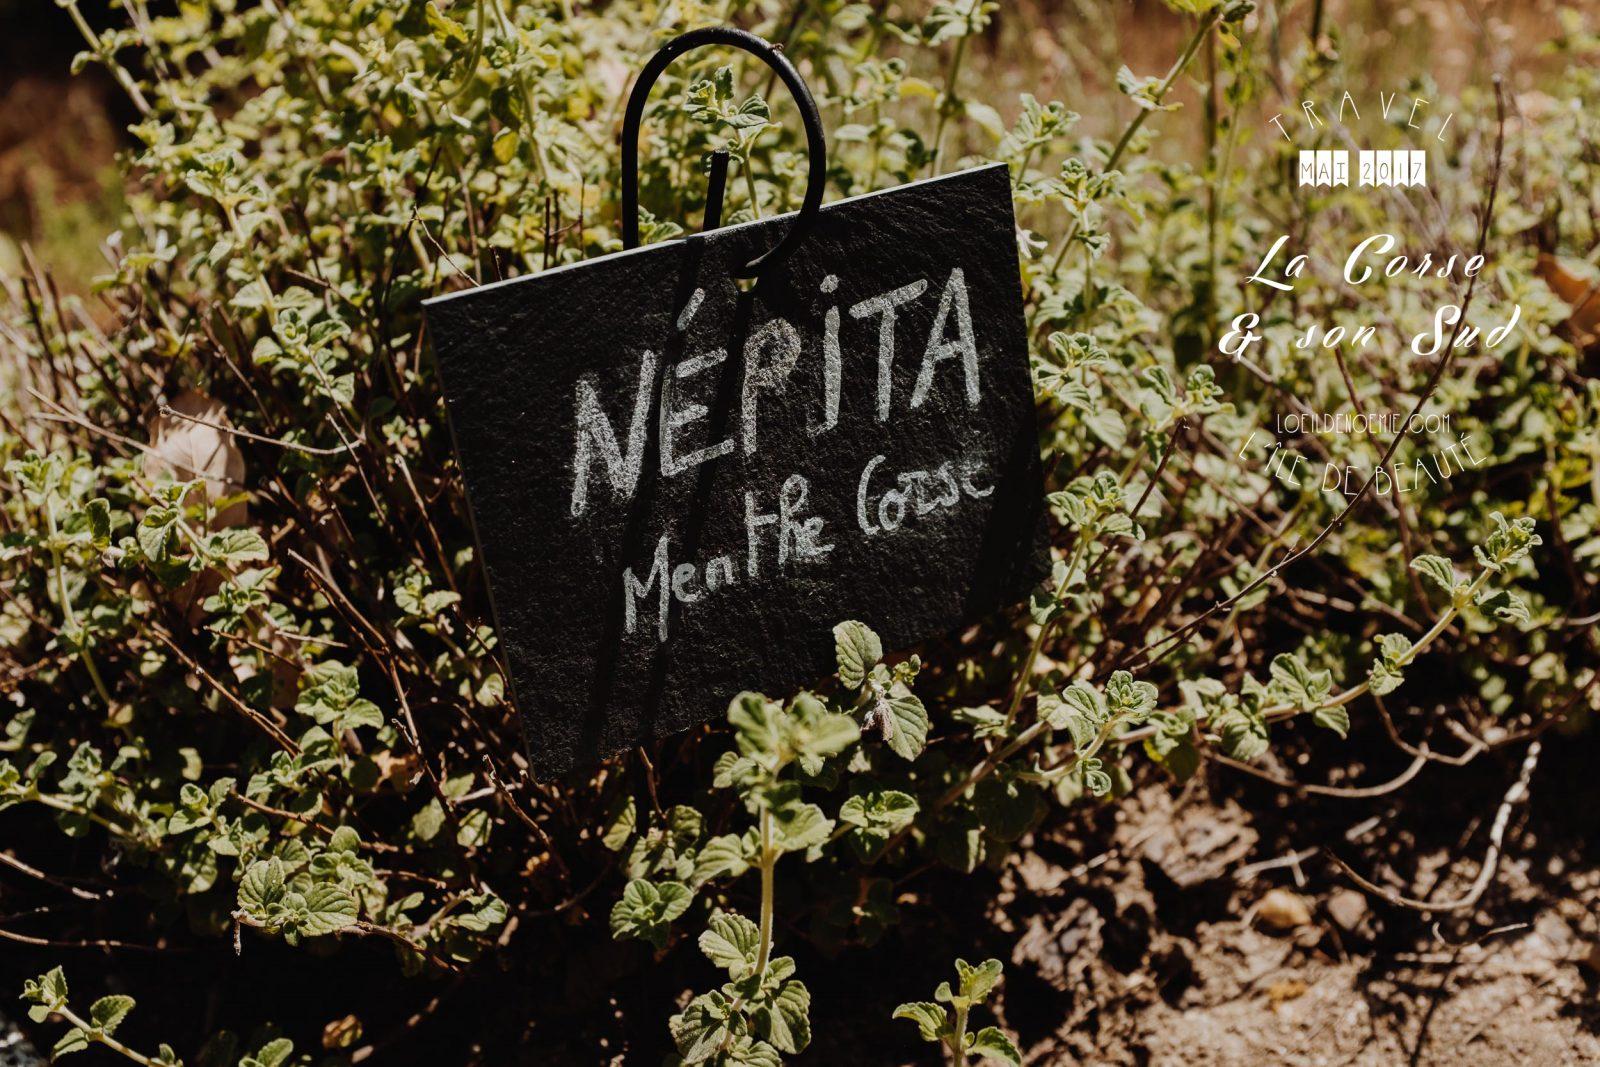 Photos & bonnes adresses Corse du Sud. Huiles essentielles Corse, les simples et divines. L'oeil de Noémie photographe et blogueuse voyage en Corse.